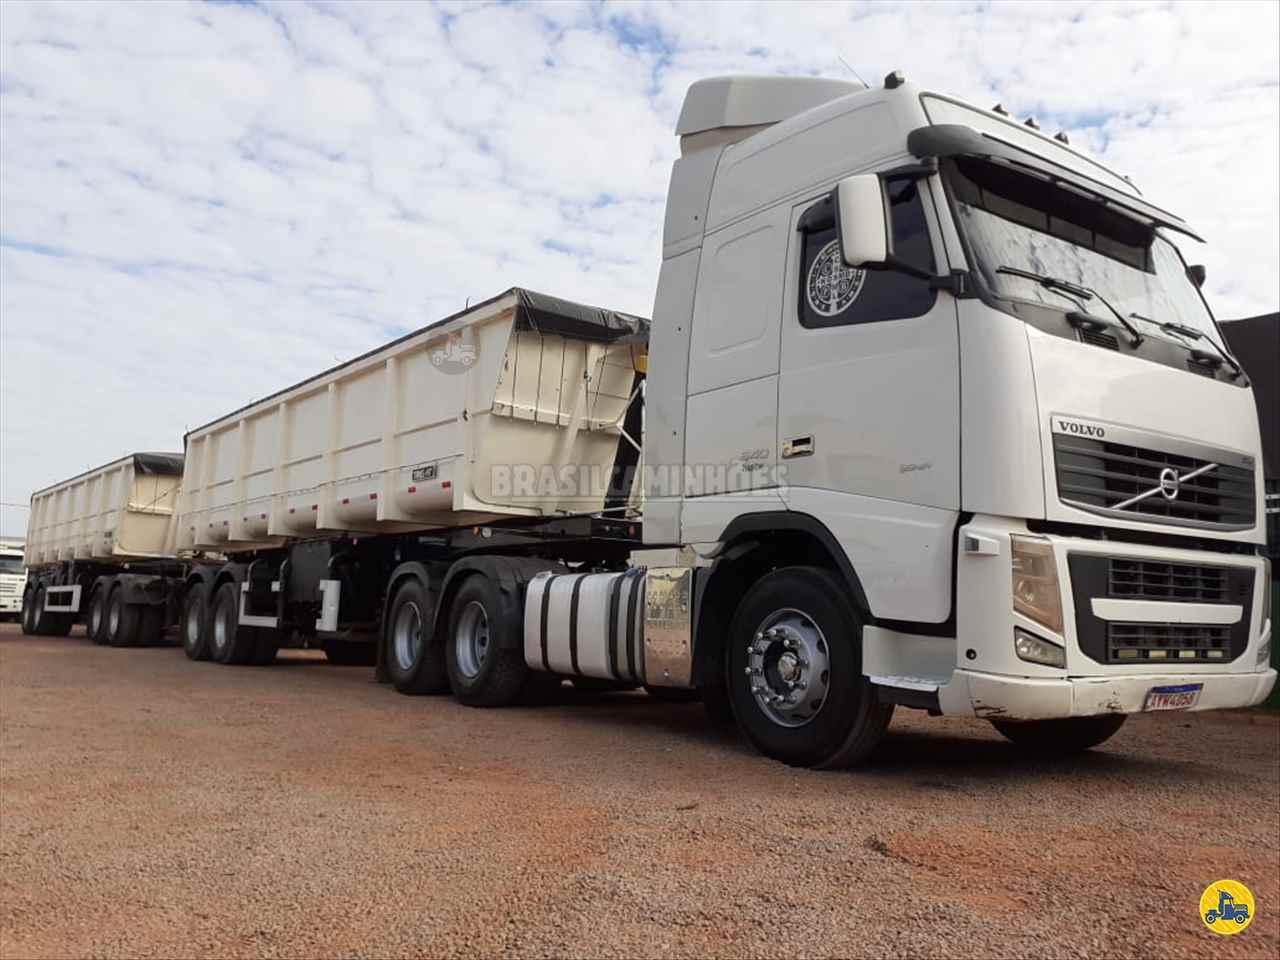 CAMINHAO VOLVO VOLVO FH 540 Caçamba Basculante Traçado 6x4 Brasil Caminhões Sinop SINOP MATO GROSSO MT